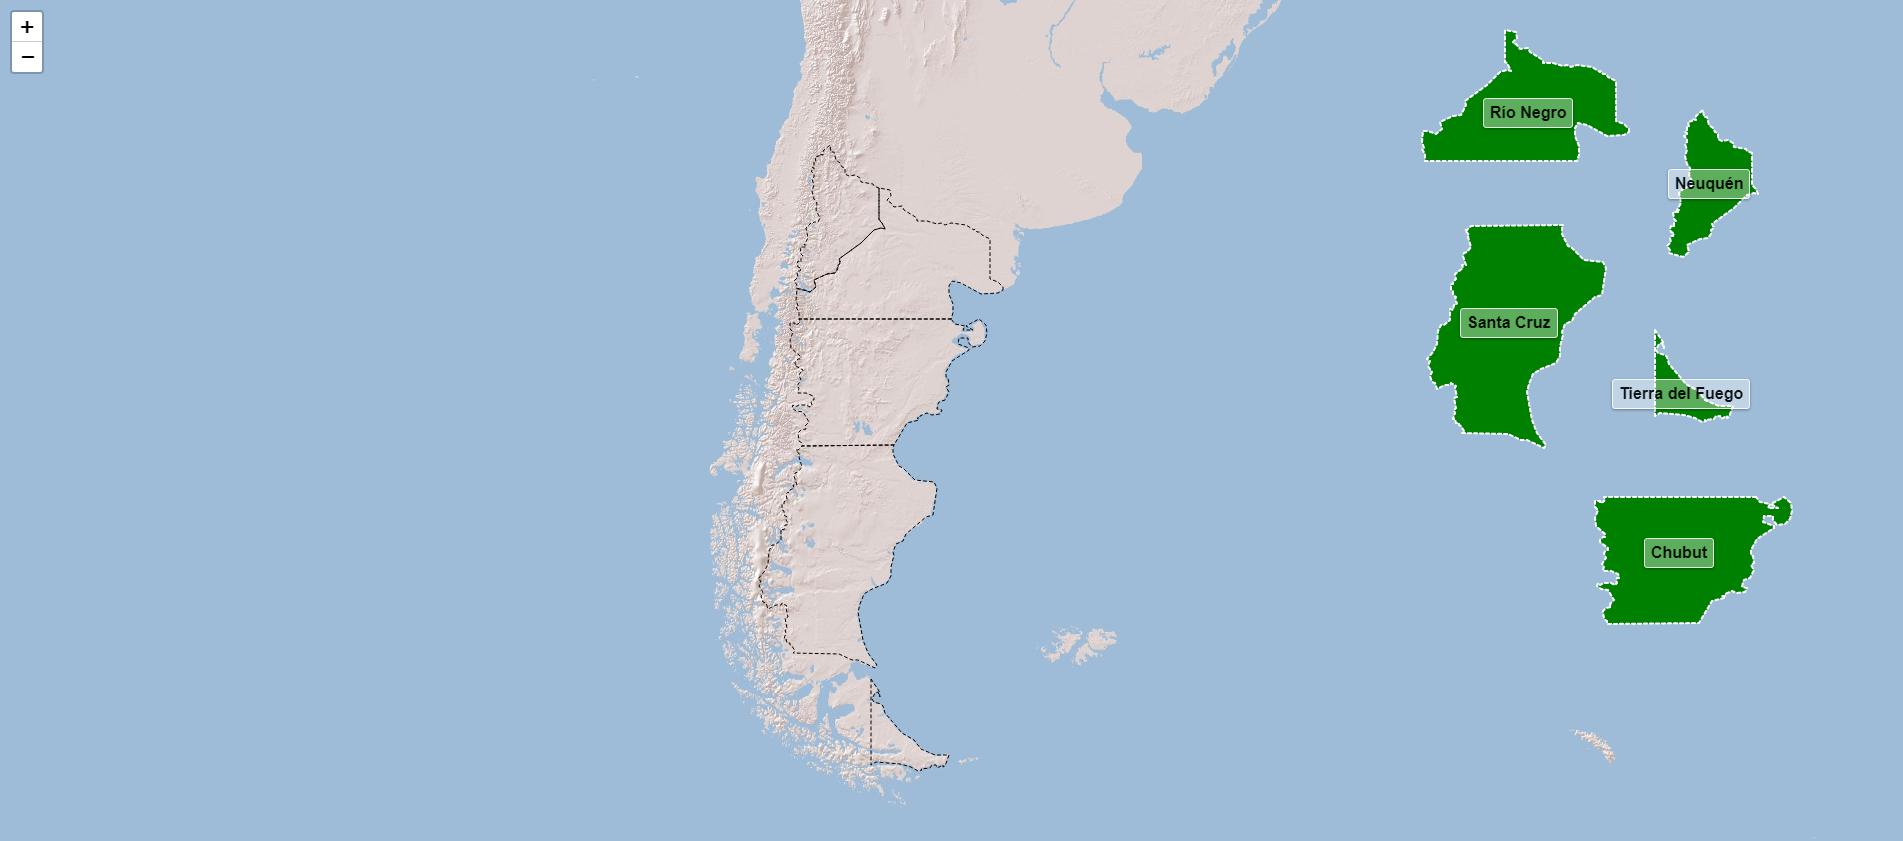 Provincias de la región de la Patagonia de Argentina